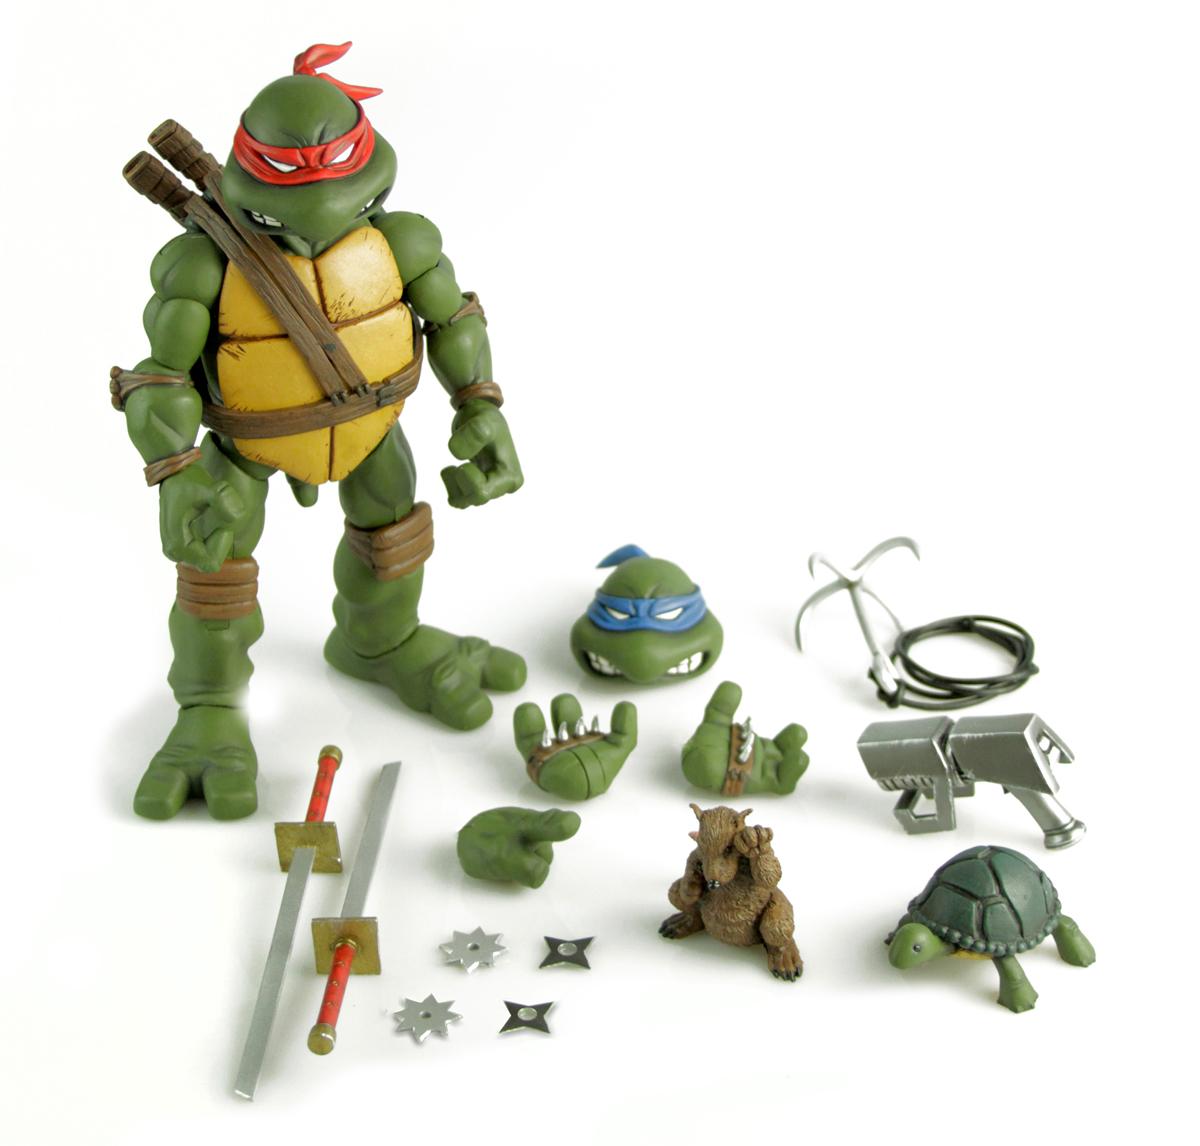 Mondo Teenage Mutant Ninja Turtles Leonardo Sixth Scale Figure Details & Images